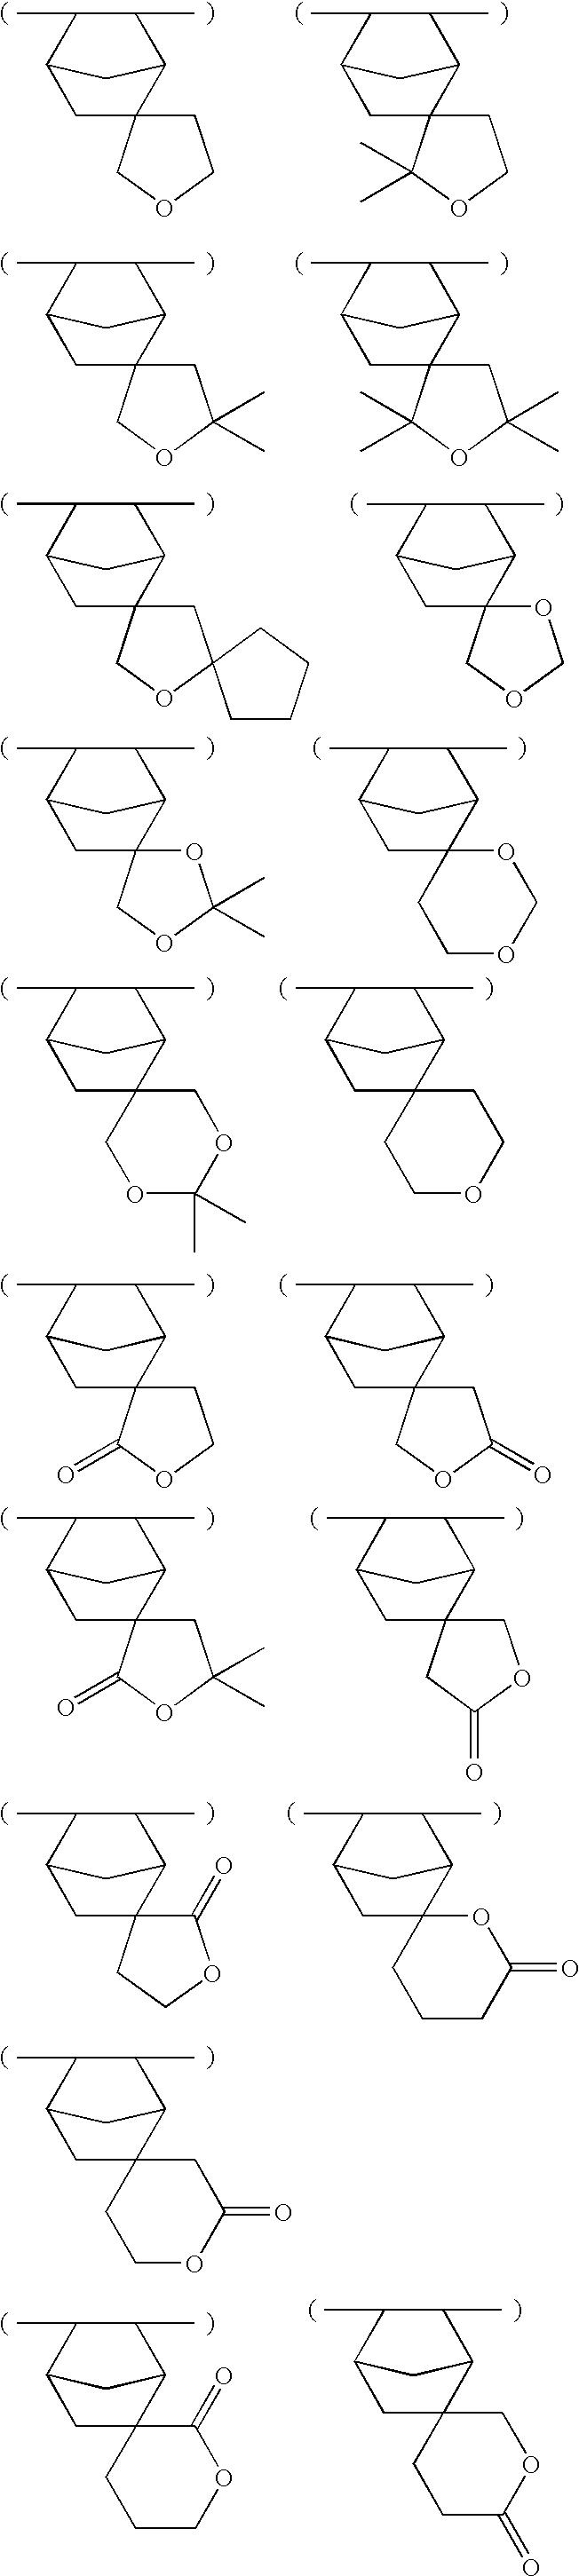 Figure US20030087181A1-20030508-C00013